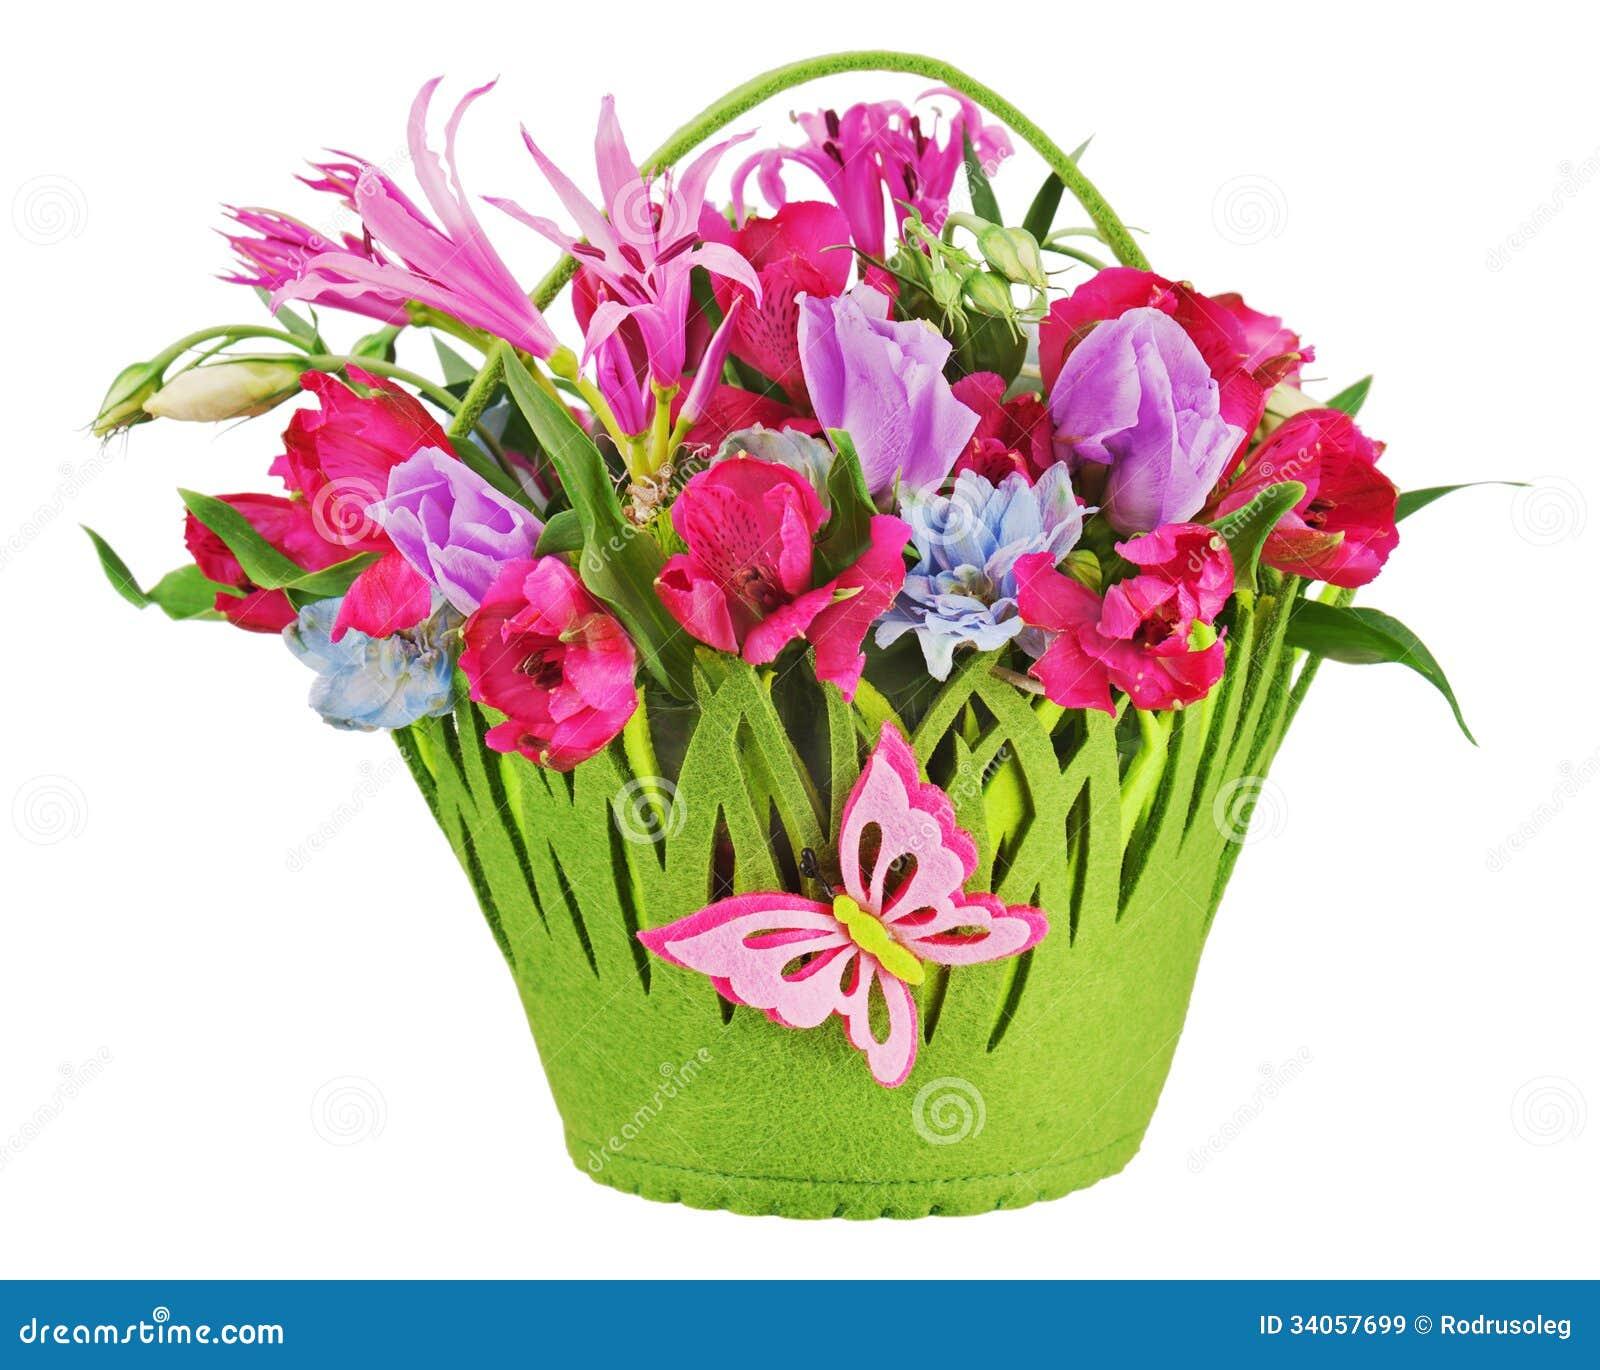 Basket Flower Decoration Colorful Flower Arrangement In Basket Royalty Free Stock